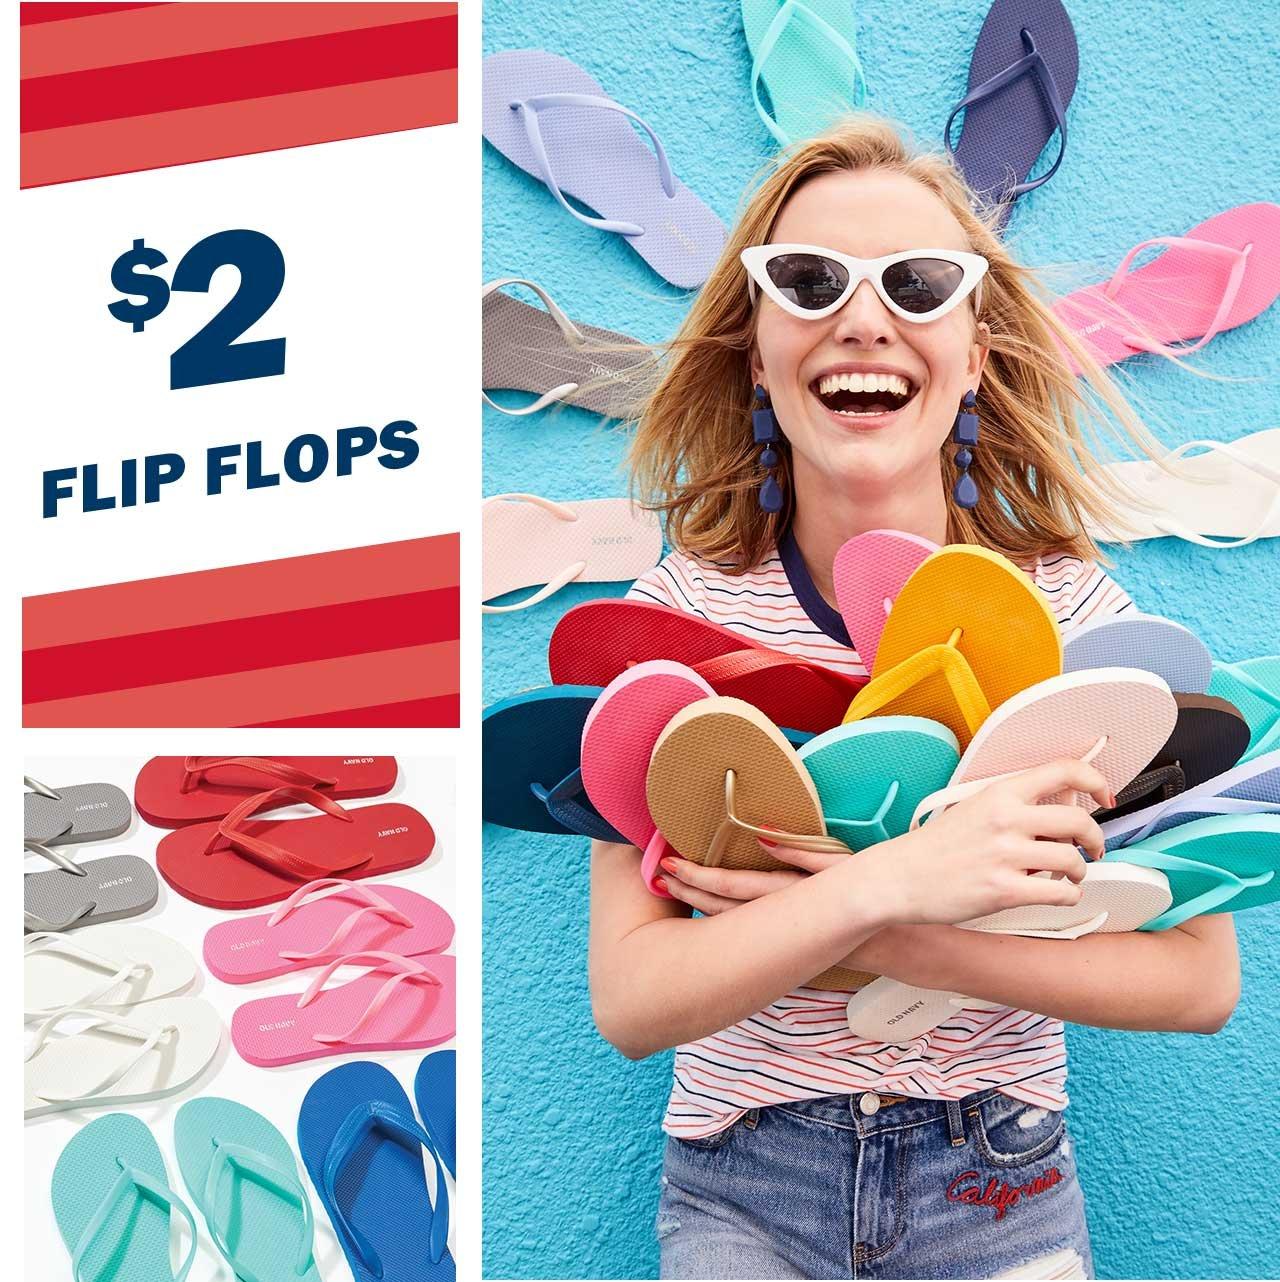 $2 FLIP FLOPS